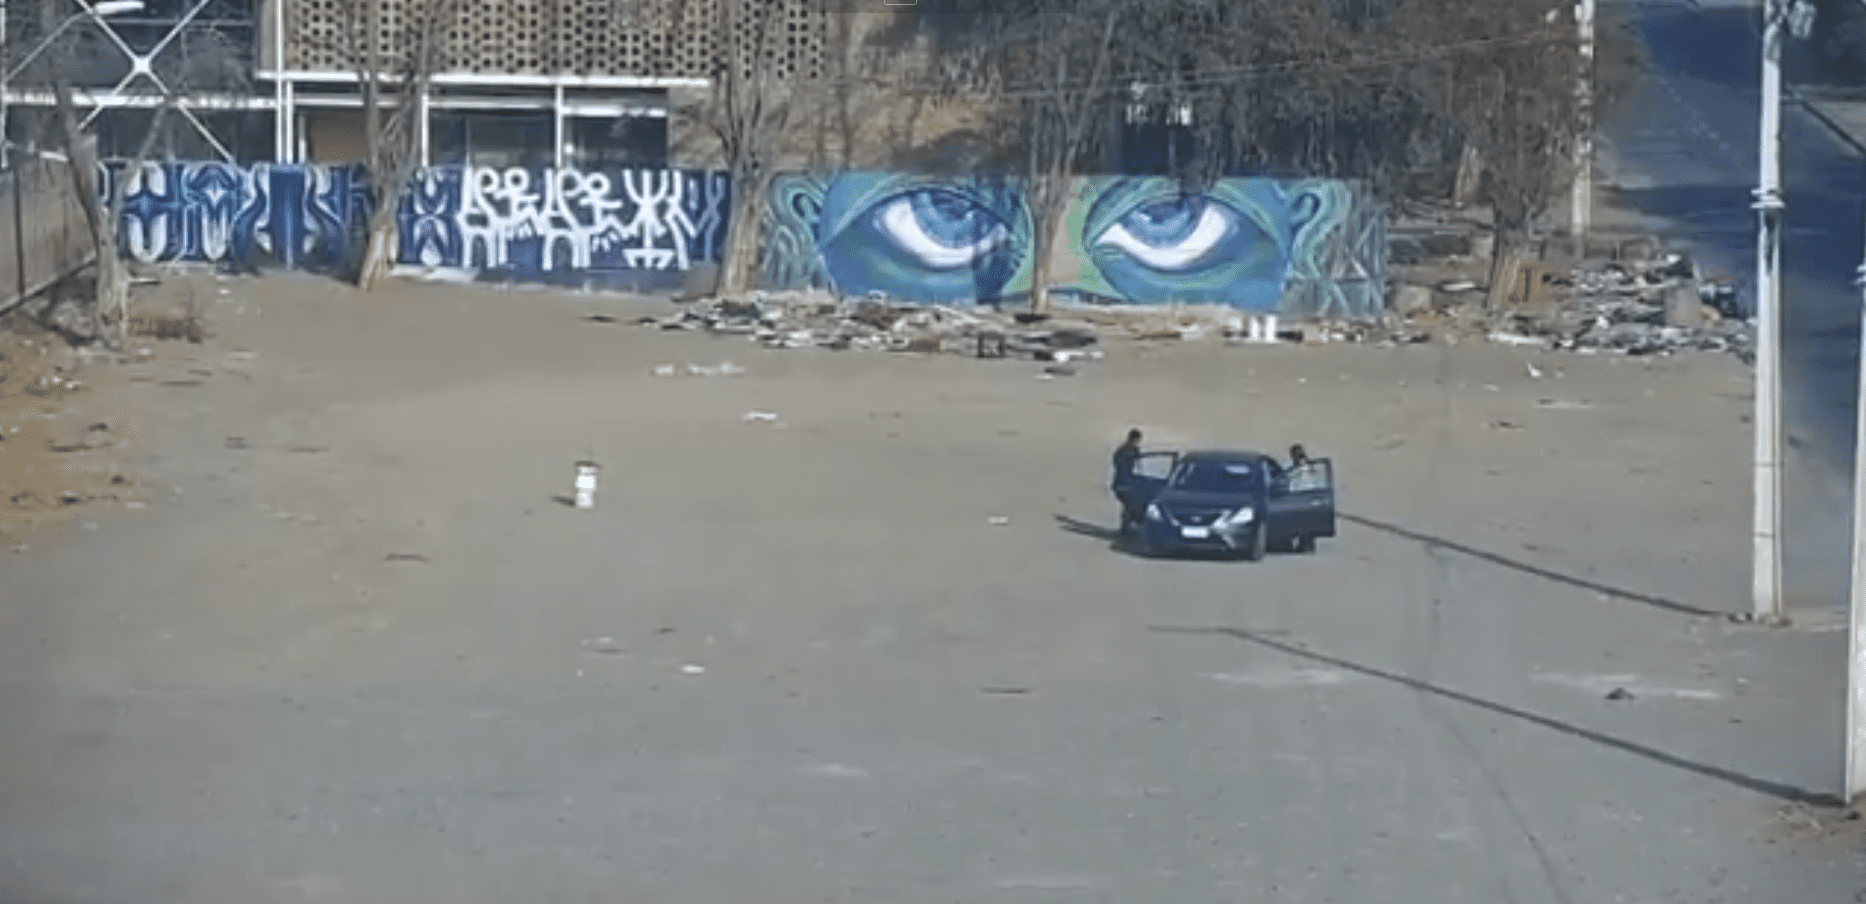 La voiture s'est arrêtée au milieu de la rue.| Photo : Twitter/MuniLaPintana